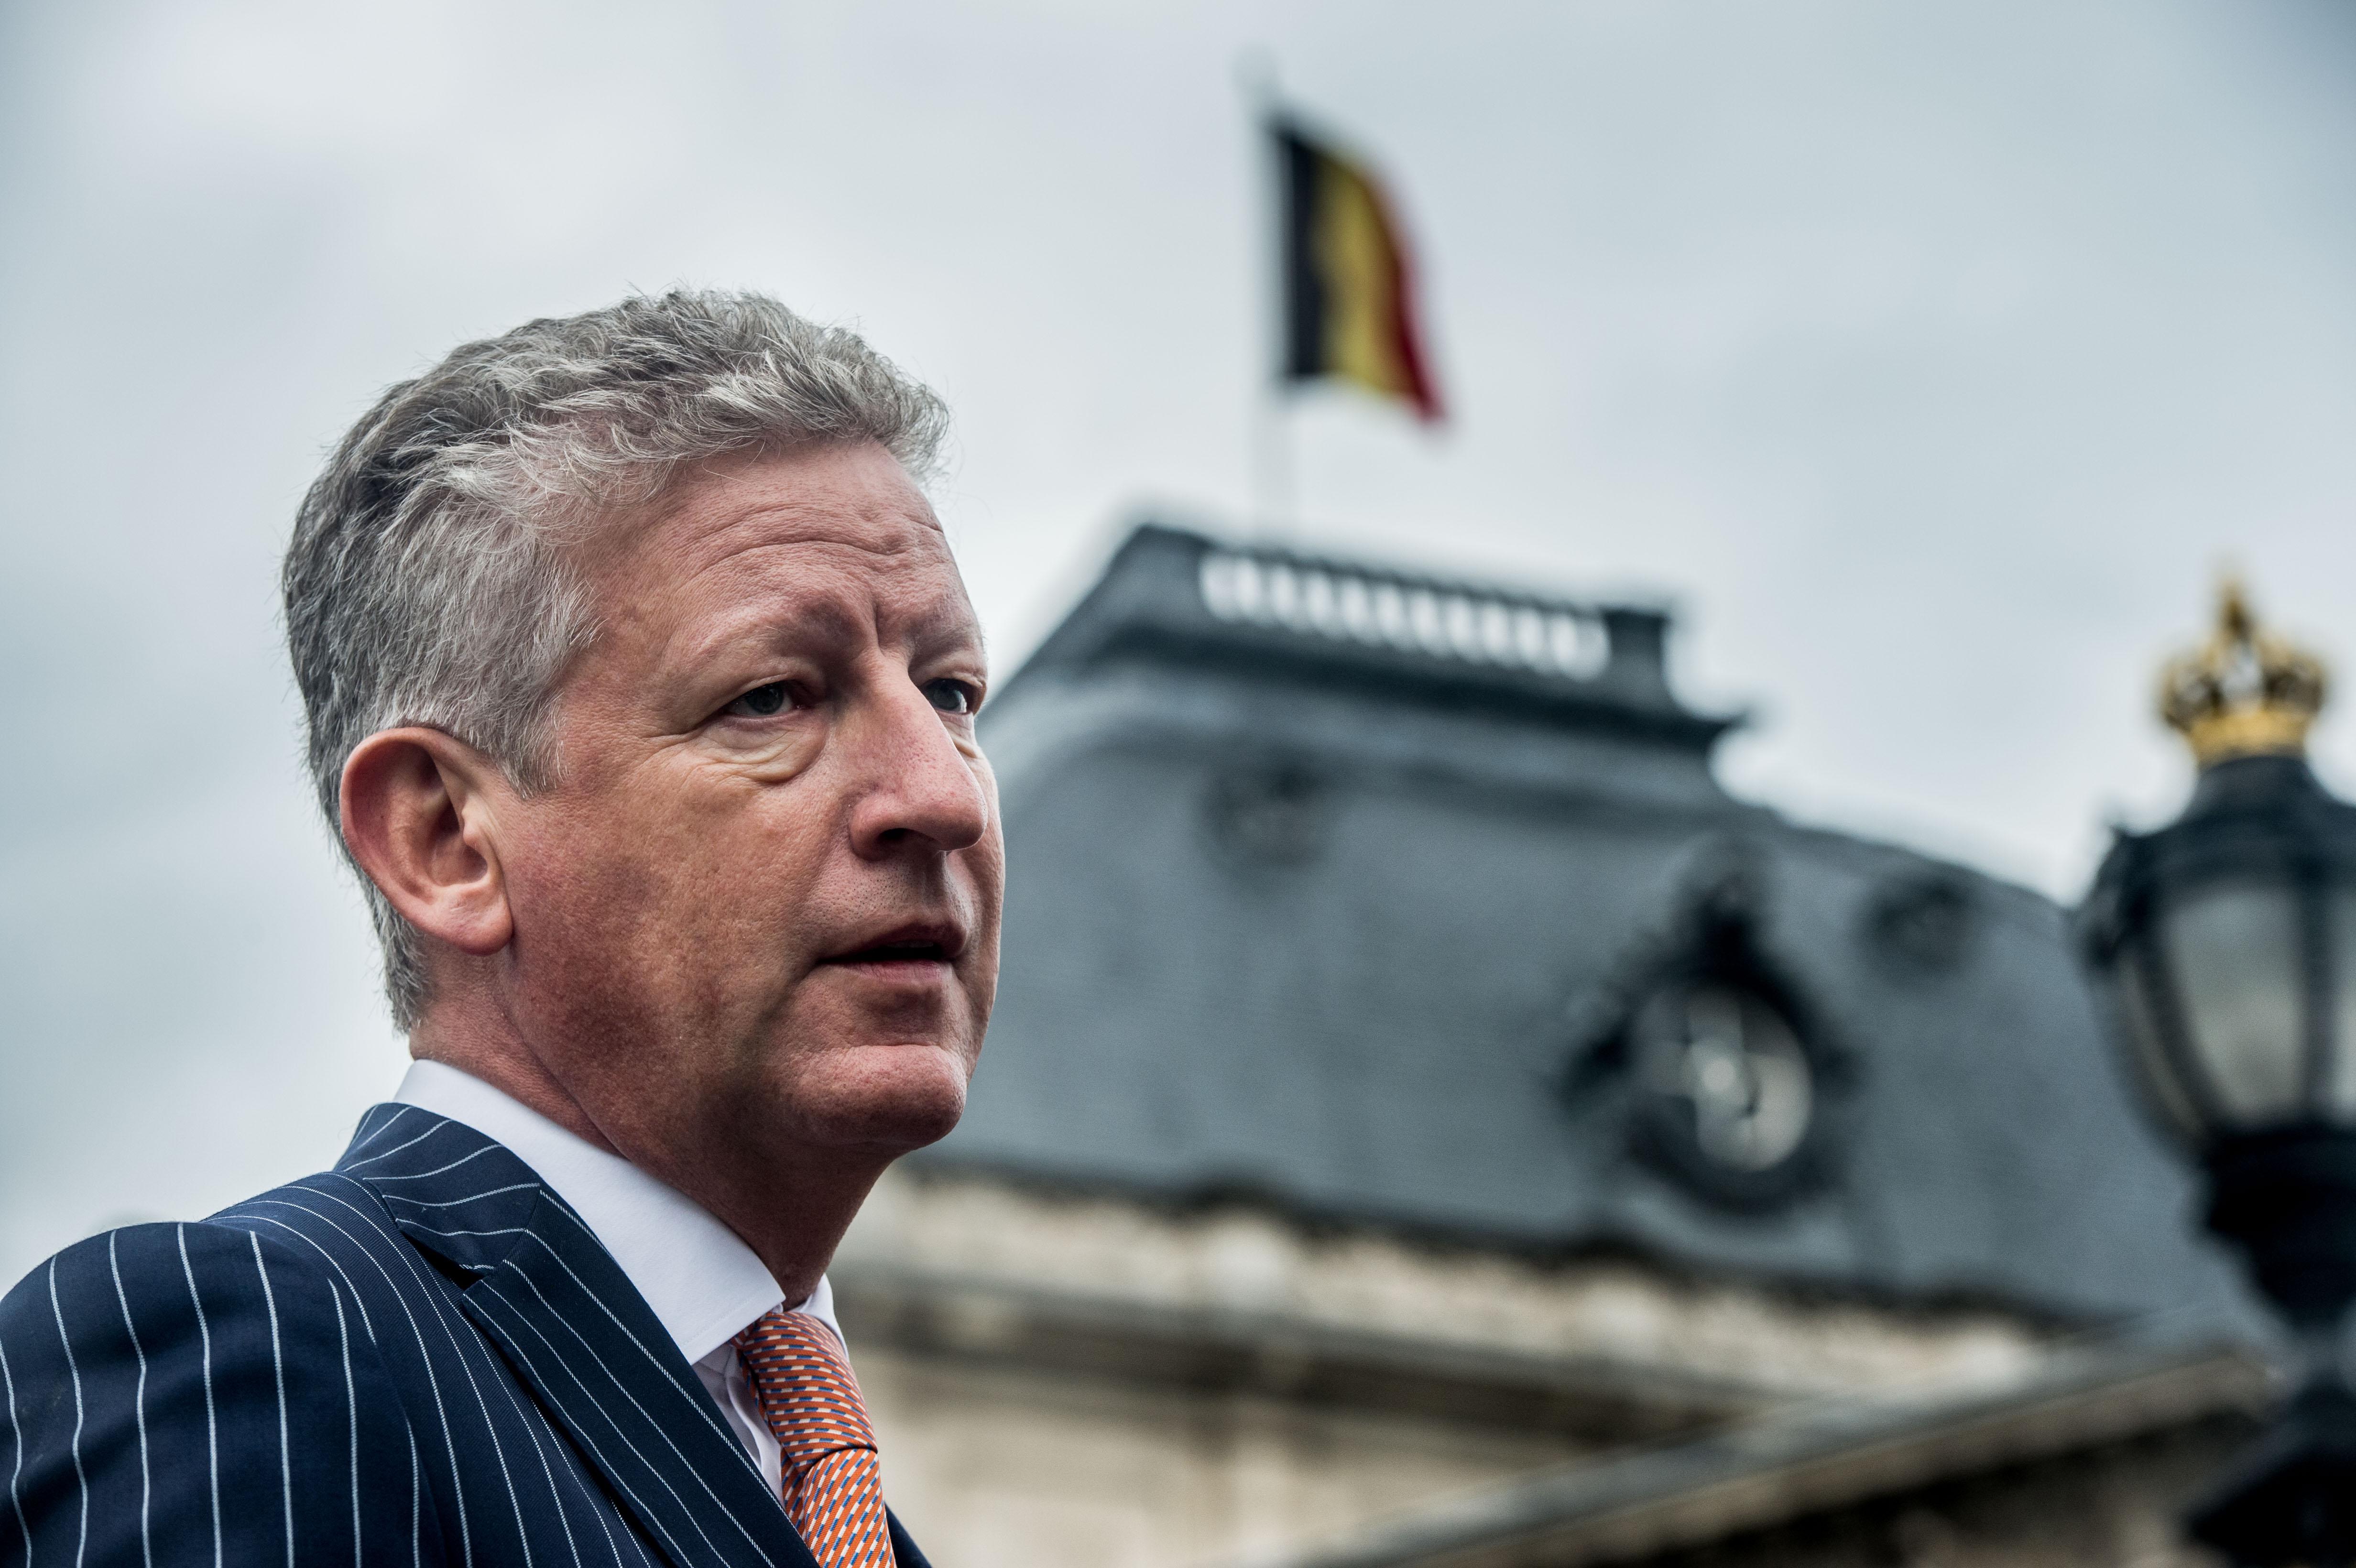 """Pieter De Crem: """"België levert geen rechtvaardige bijdrage meer wat Defensie betreft. Het is een illusie te denken dat we hiermee wegkomen."""" (foto belga)"""